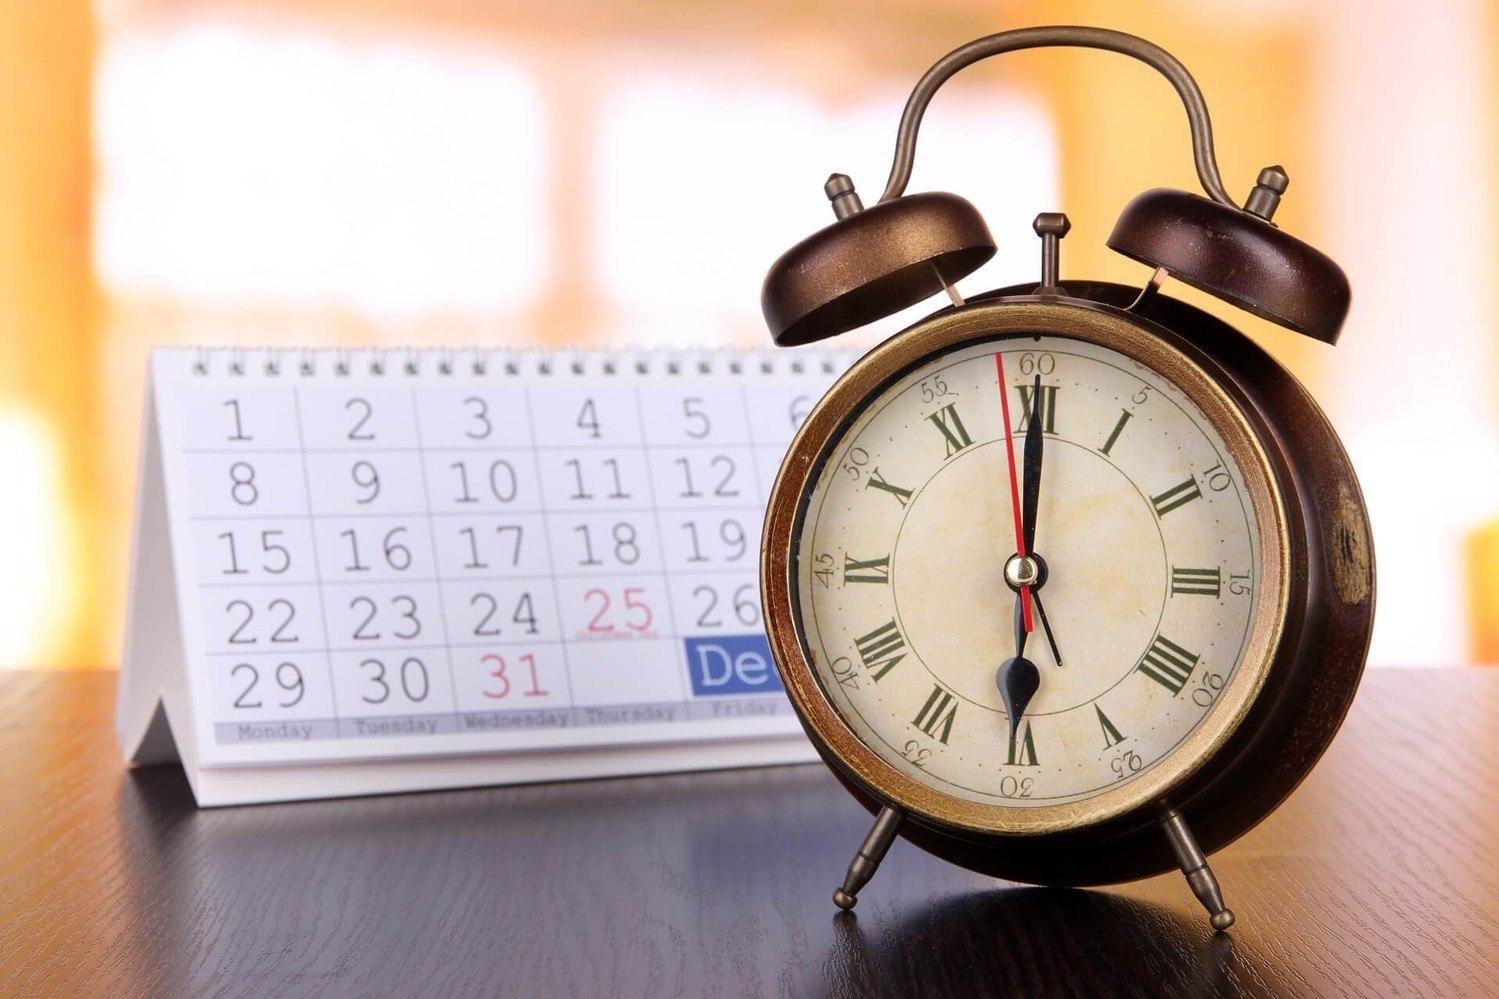 Небольшая программа, представляющая собой часы, умеющие произносить текущее время вслух.